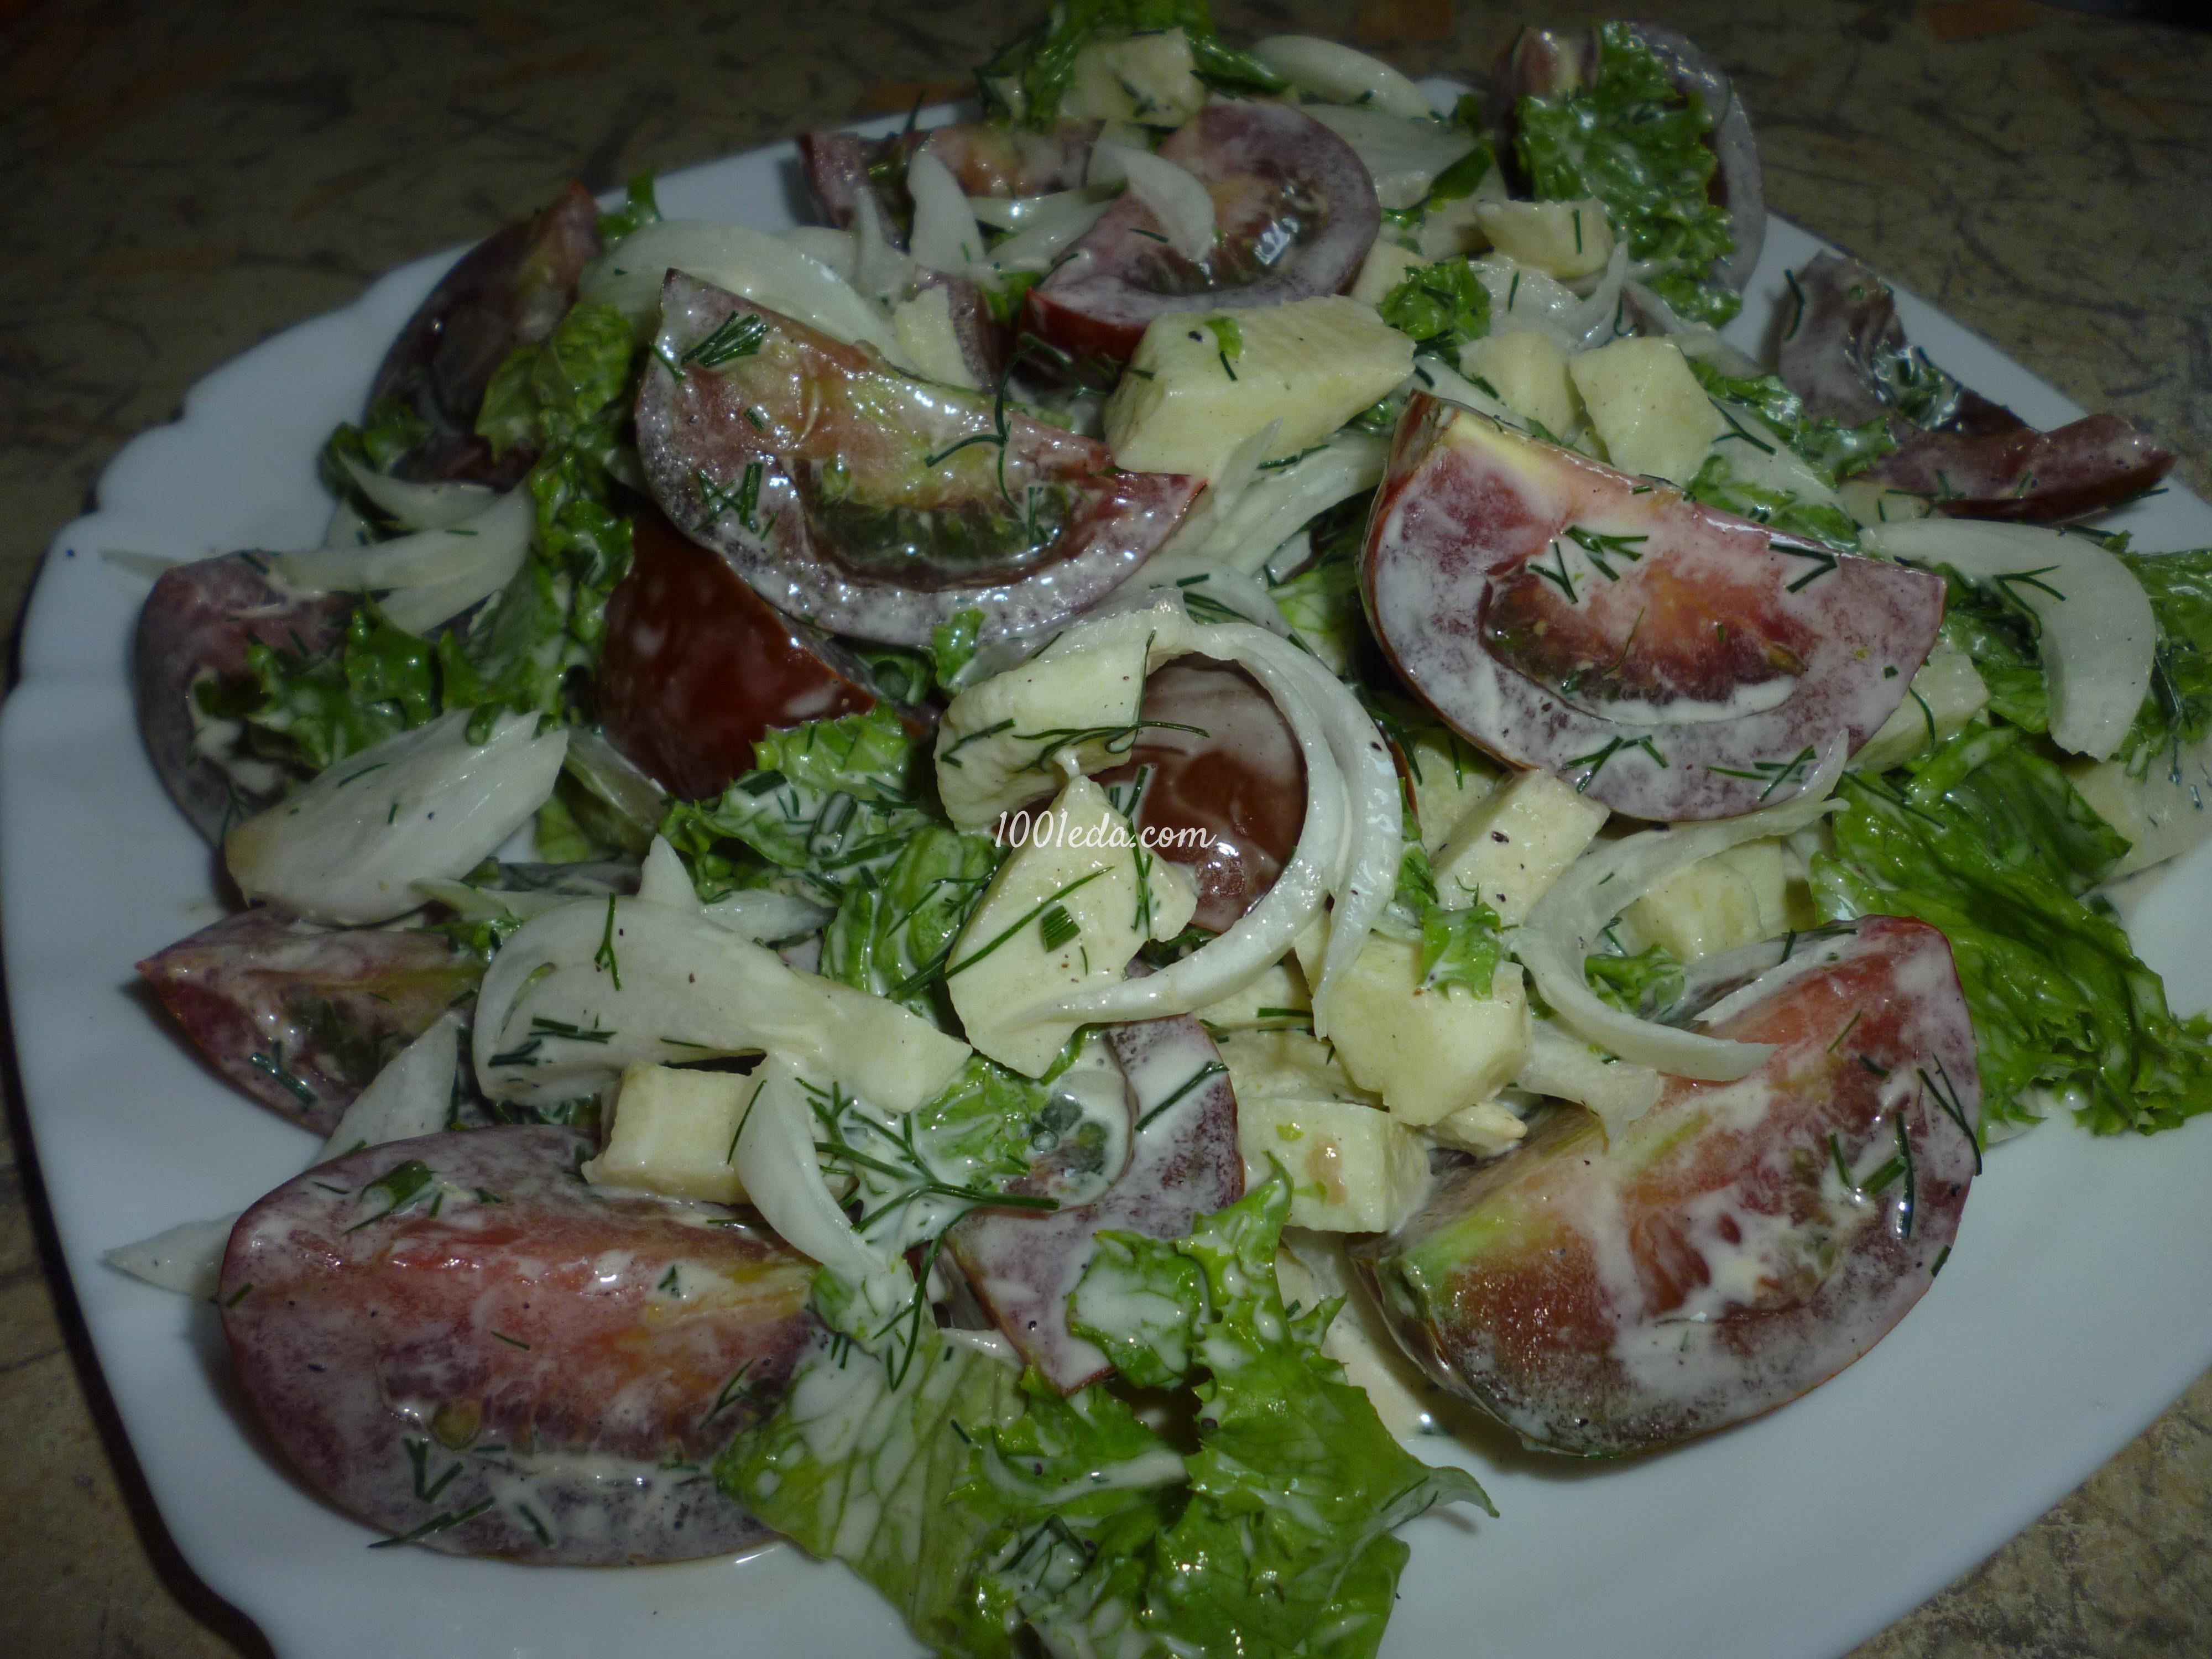 салат калейдоскоп рецепт с фото пошагово в